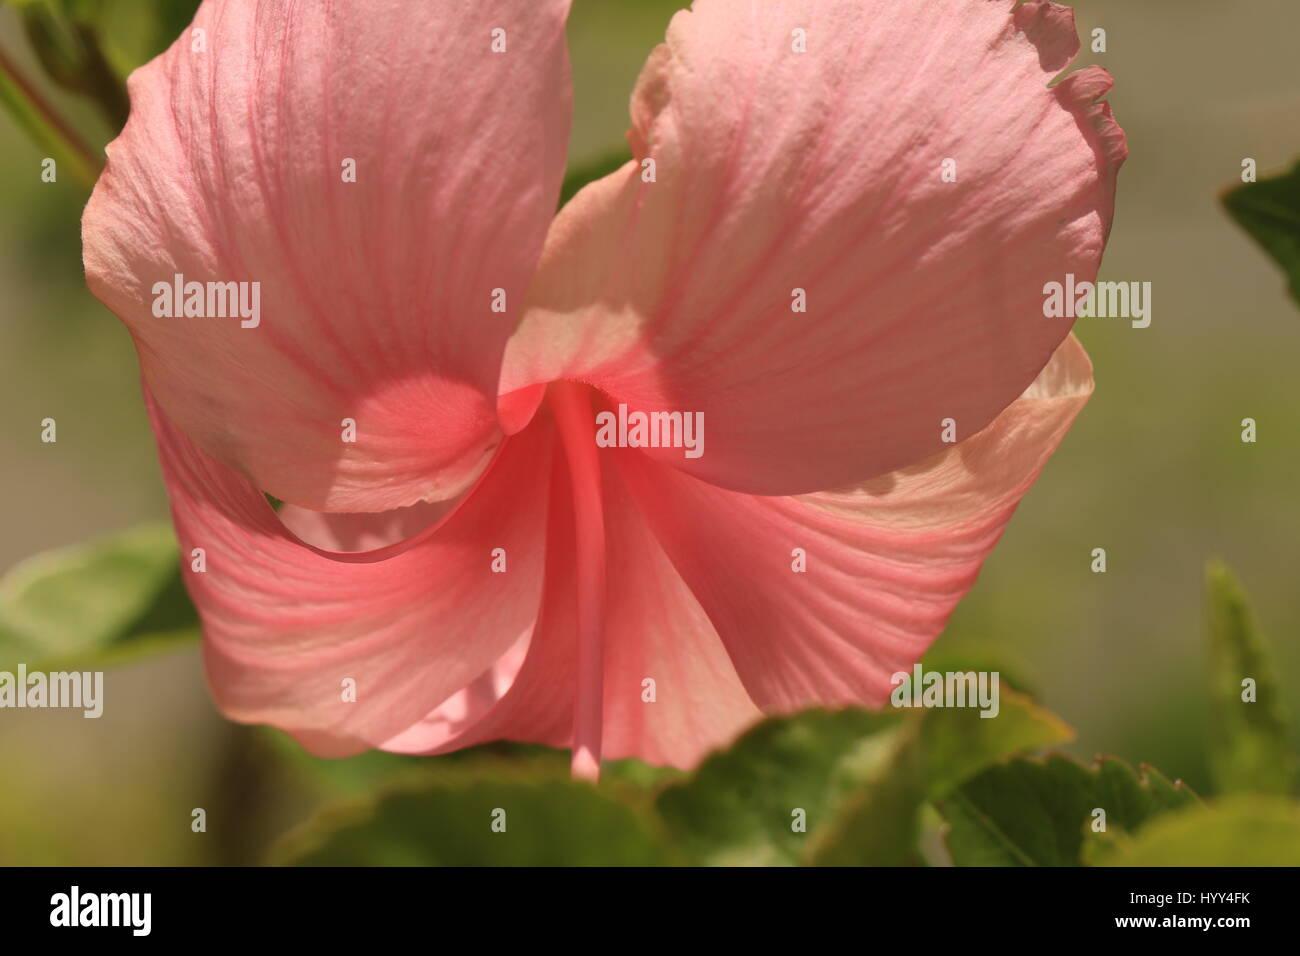 Tropical pink hibiscus growing in jamaica stock photo 137664567 alamy tropical pink hibiscus growing in jamaica izmirmasajfo